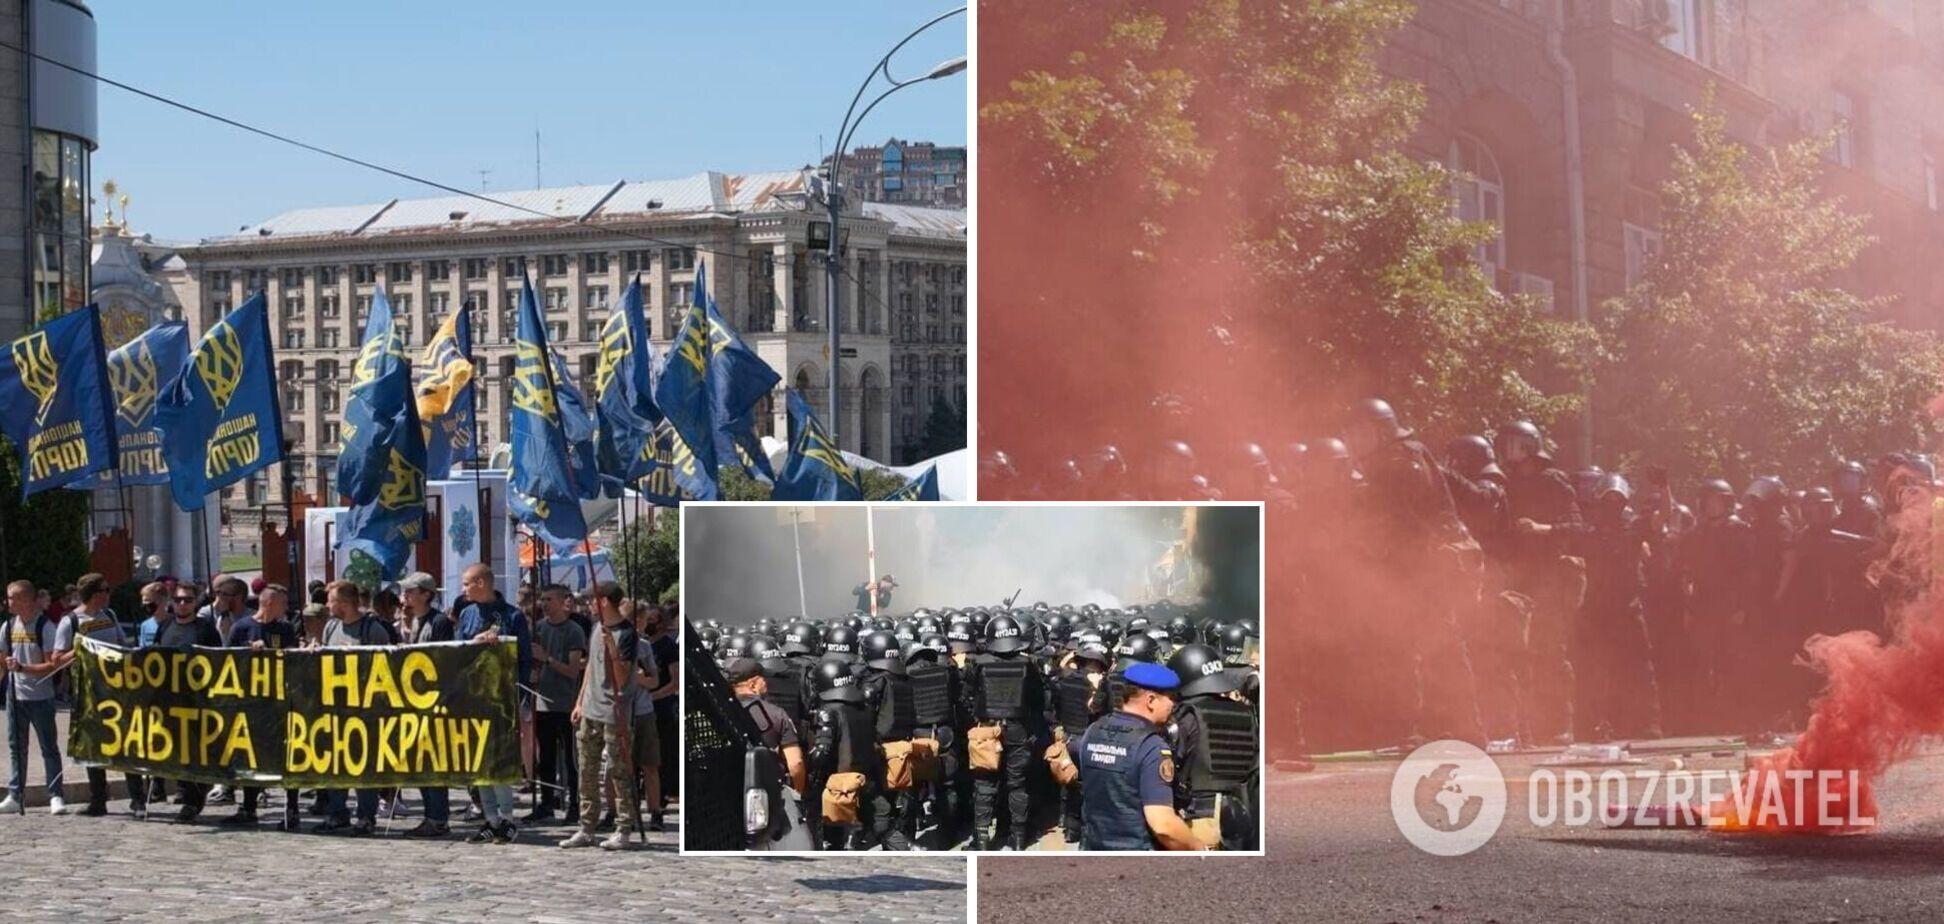 'Нацкорпус' устроил столкновения на Банковой, ранены полицейские и нацгвардейцы. Фото и видео